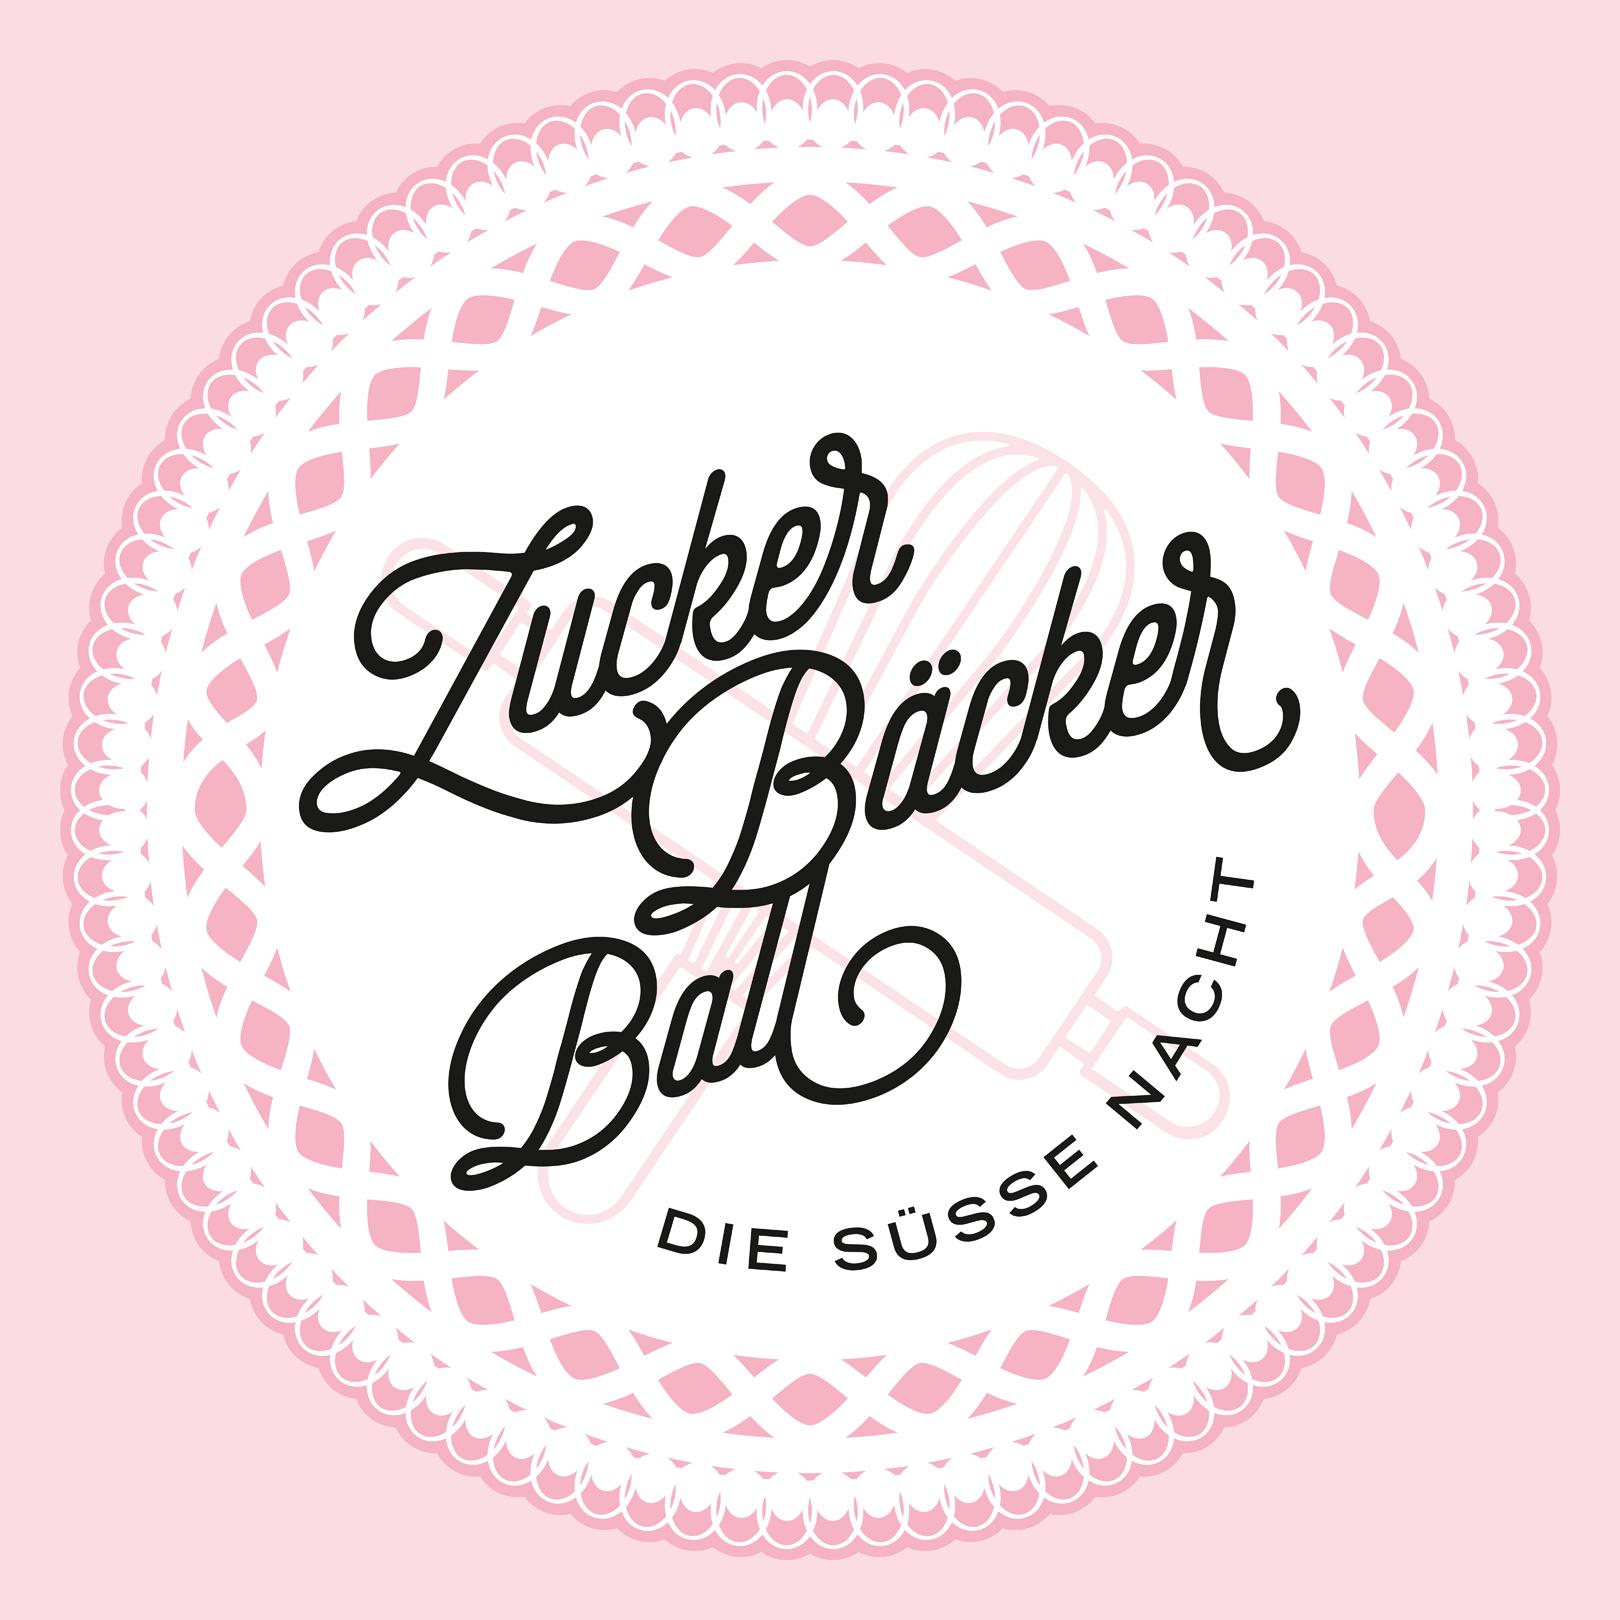 ZuckerBaeckerball_Logo_rosa_klein.jpg